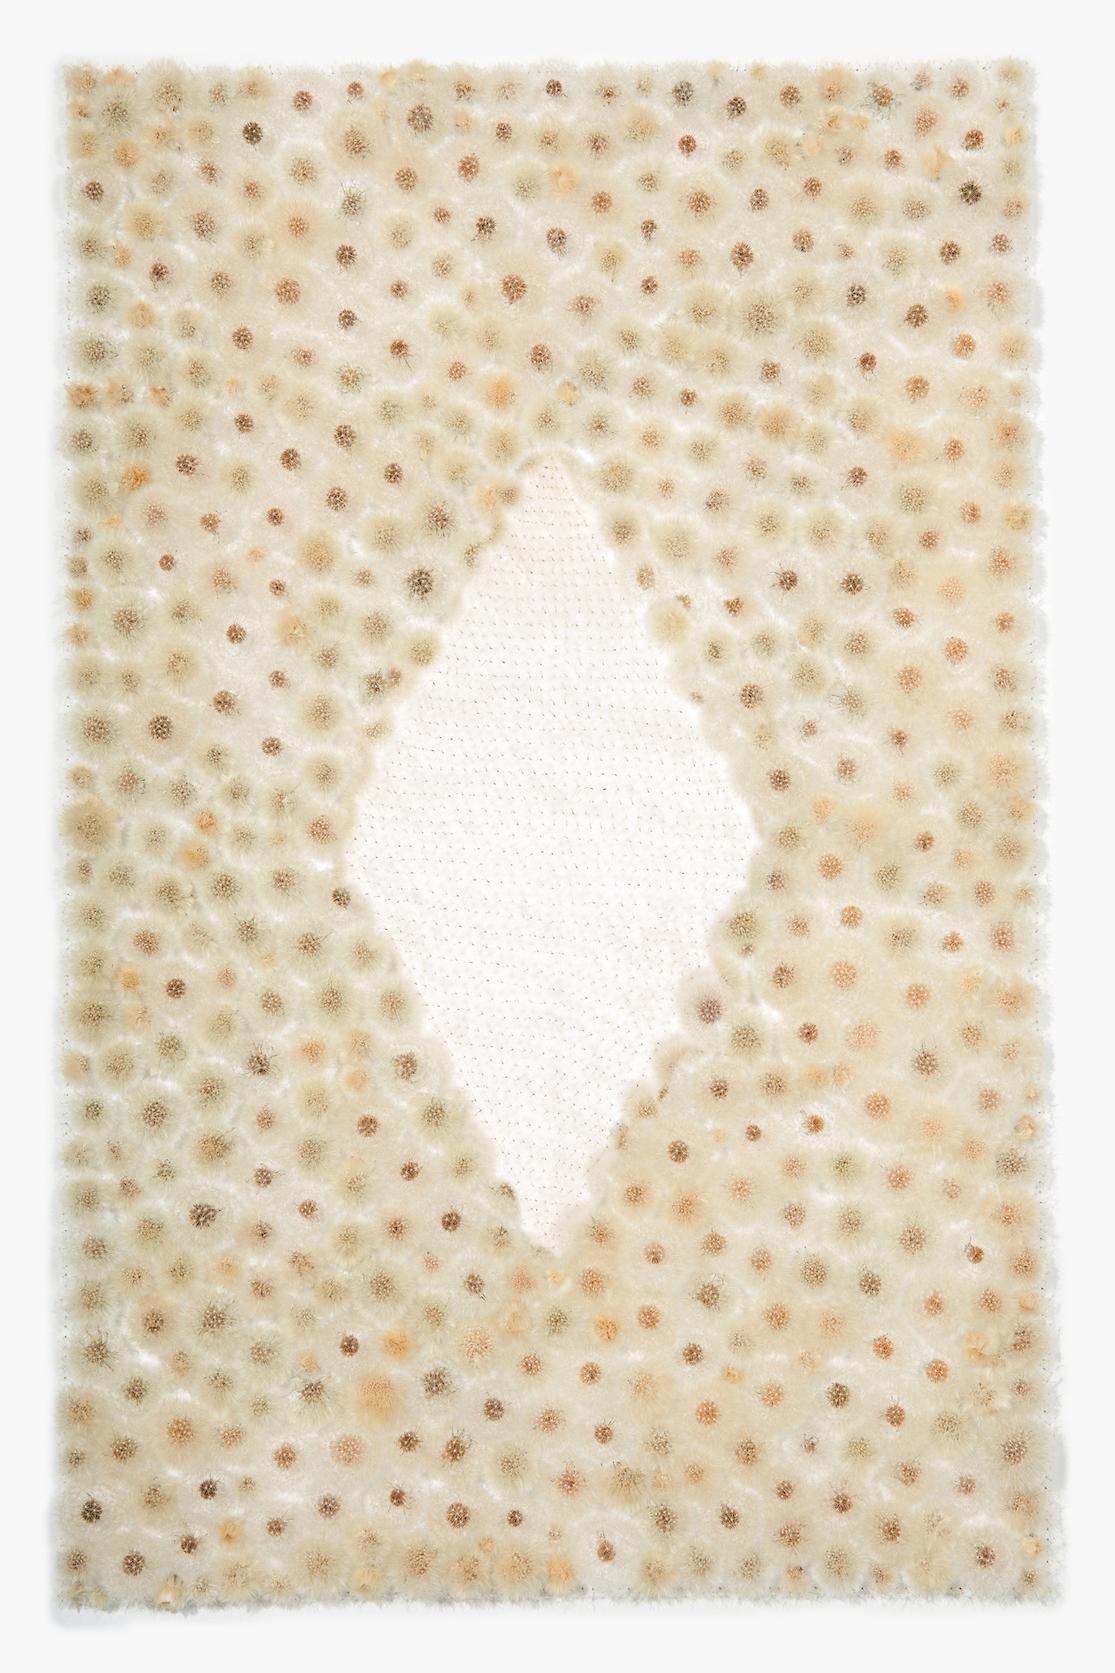 單色 #2  75 x 100 x 7 厘米